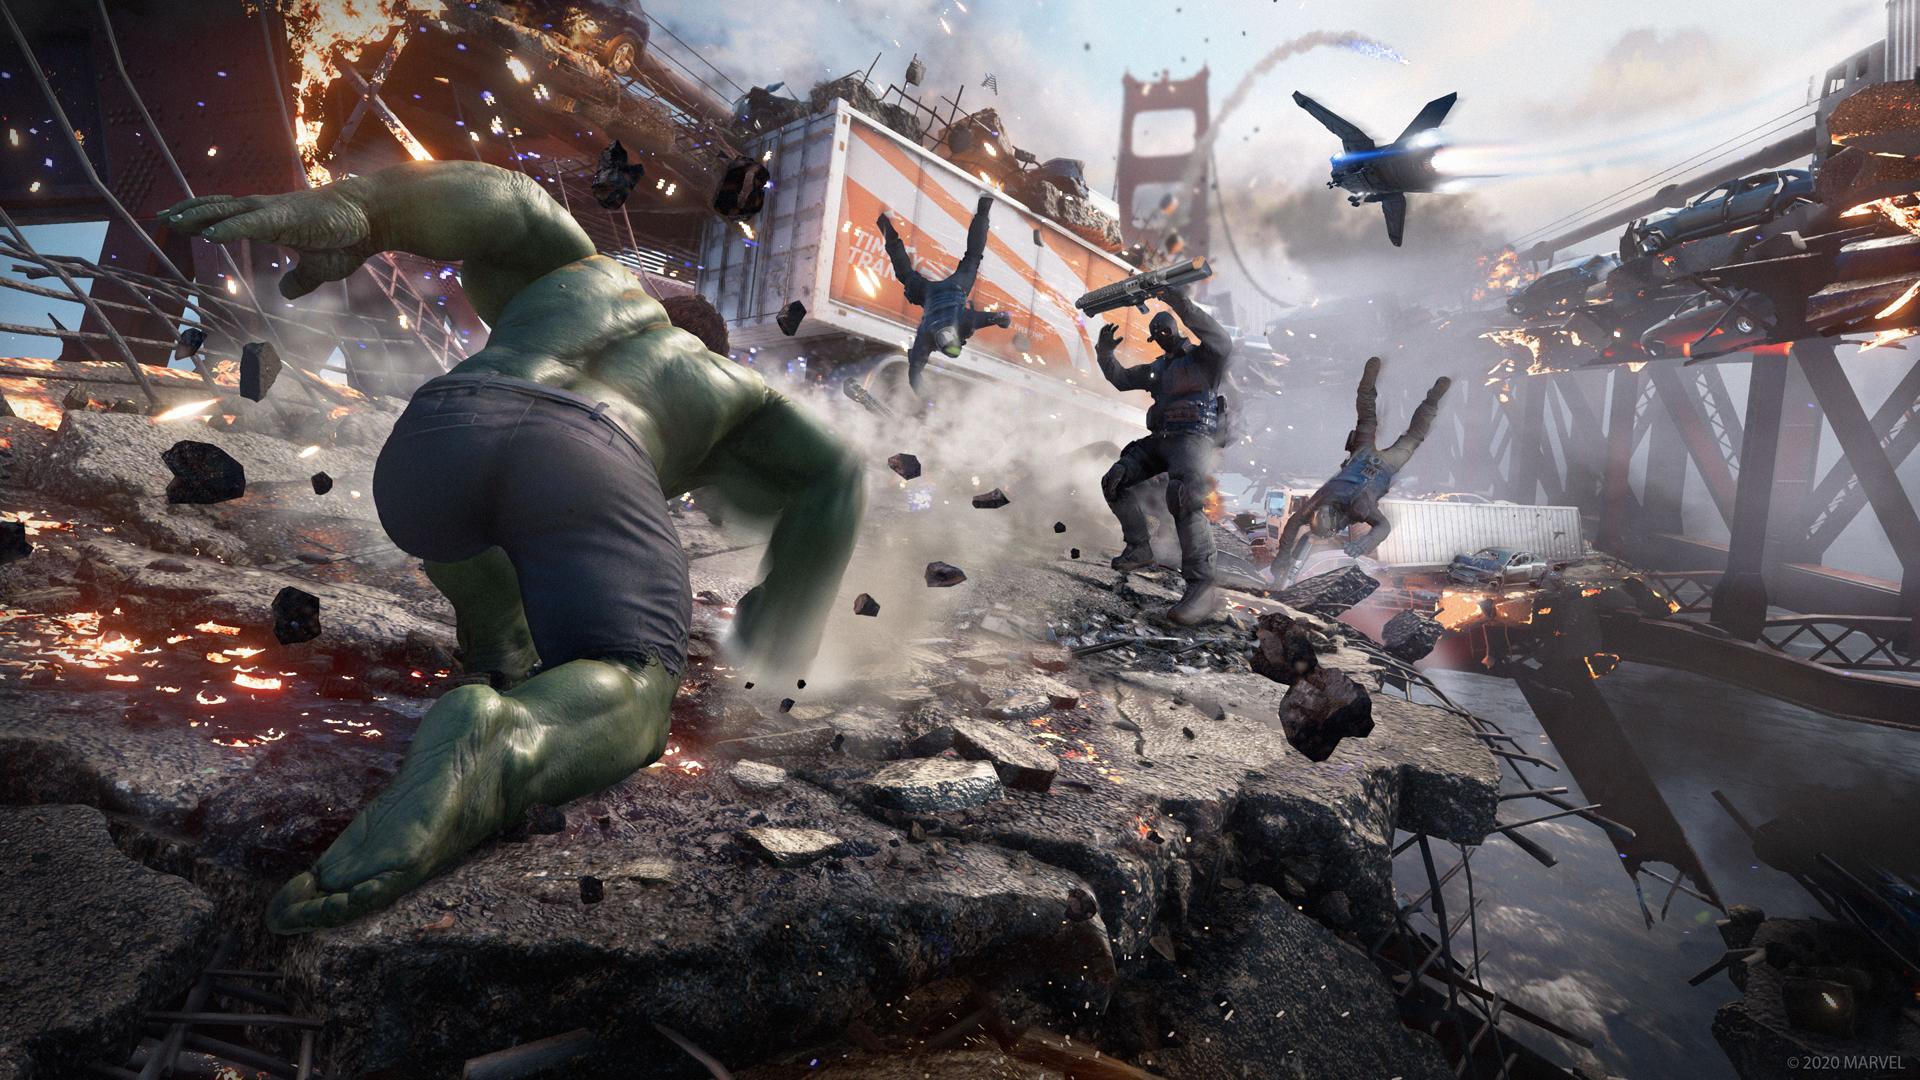 marvels avengers game desktop wallpaper 74175